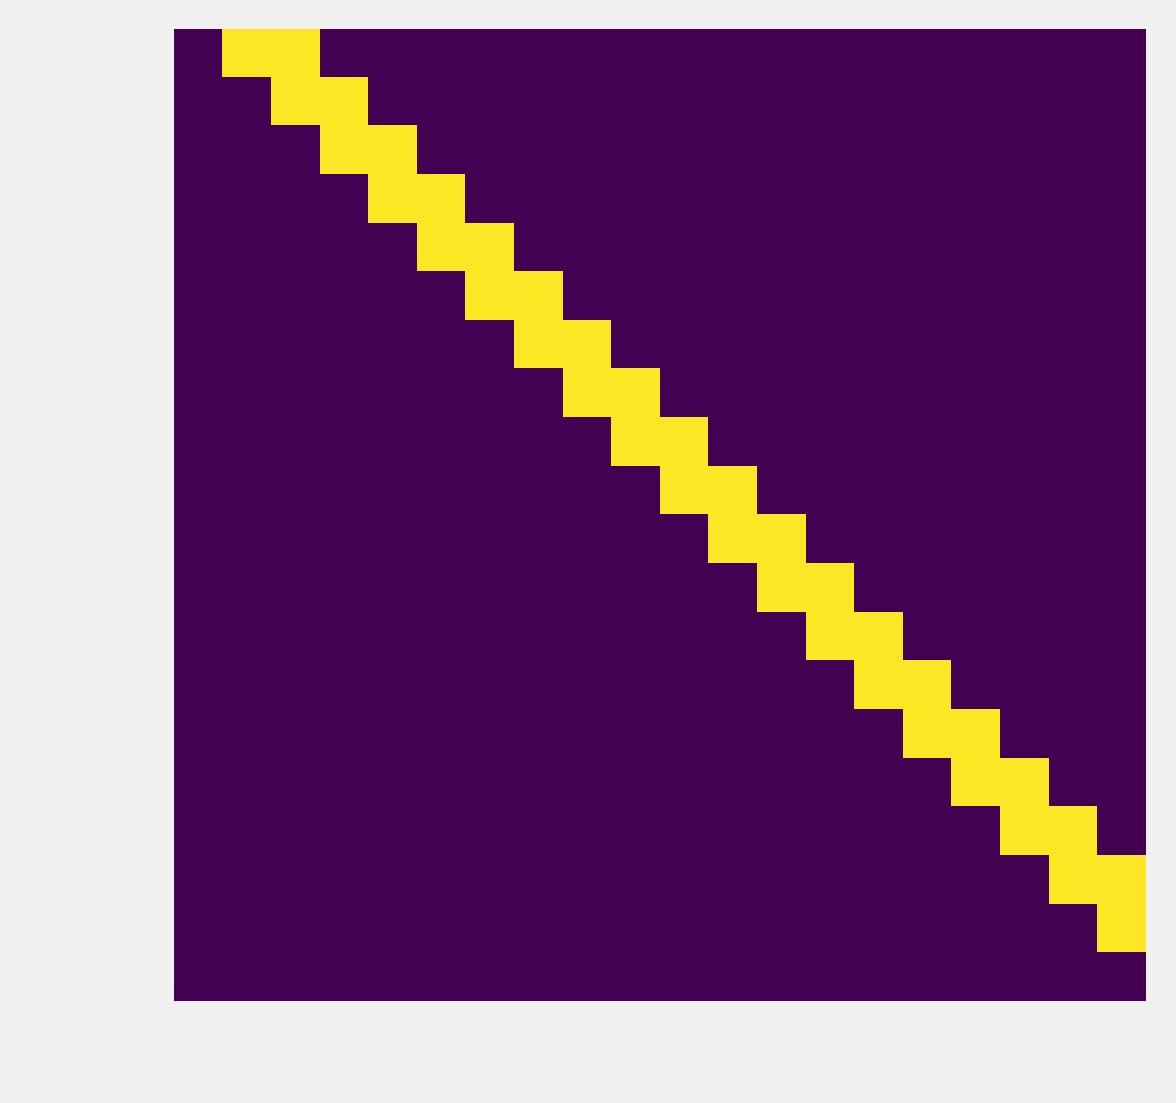 <matplotlib.figure.Figure at 0x7f93deeab668>